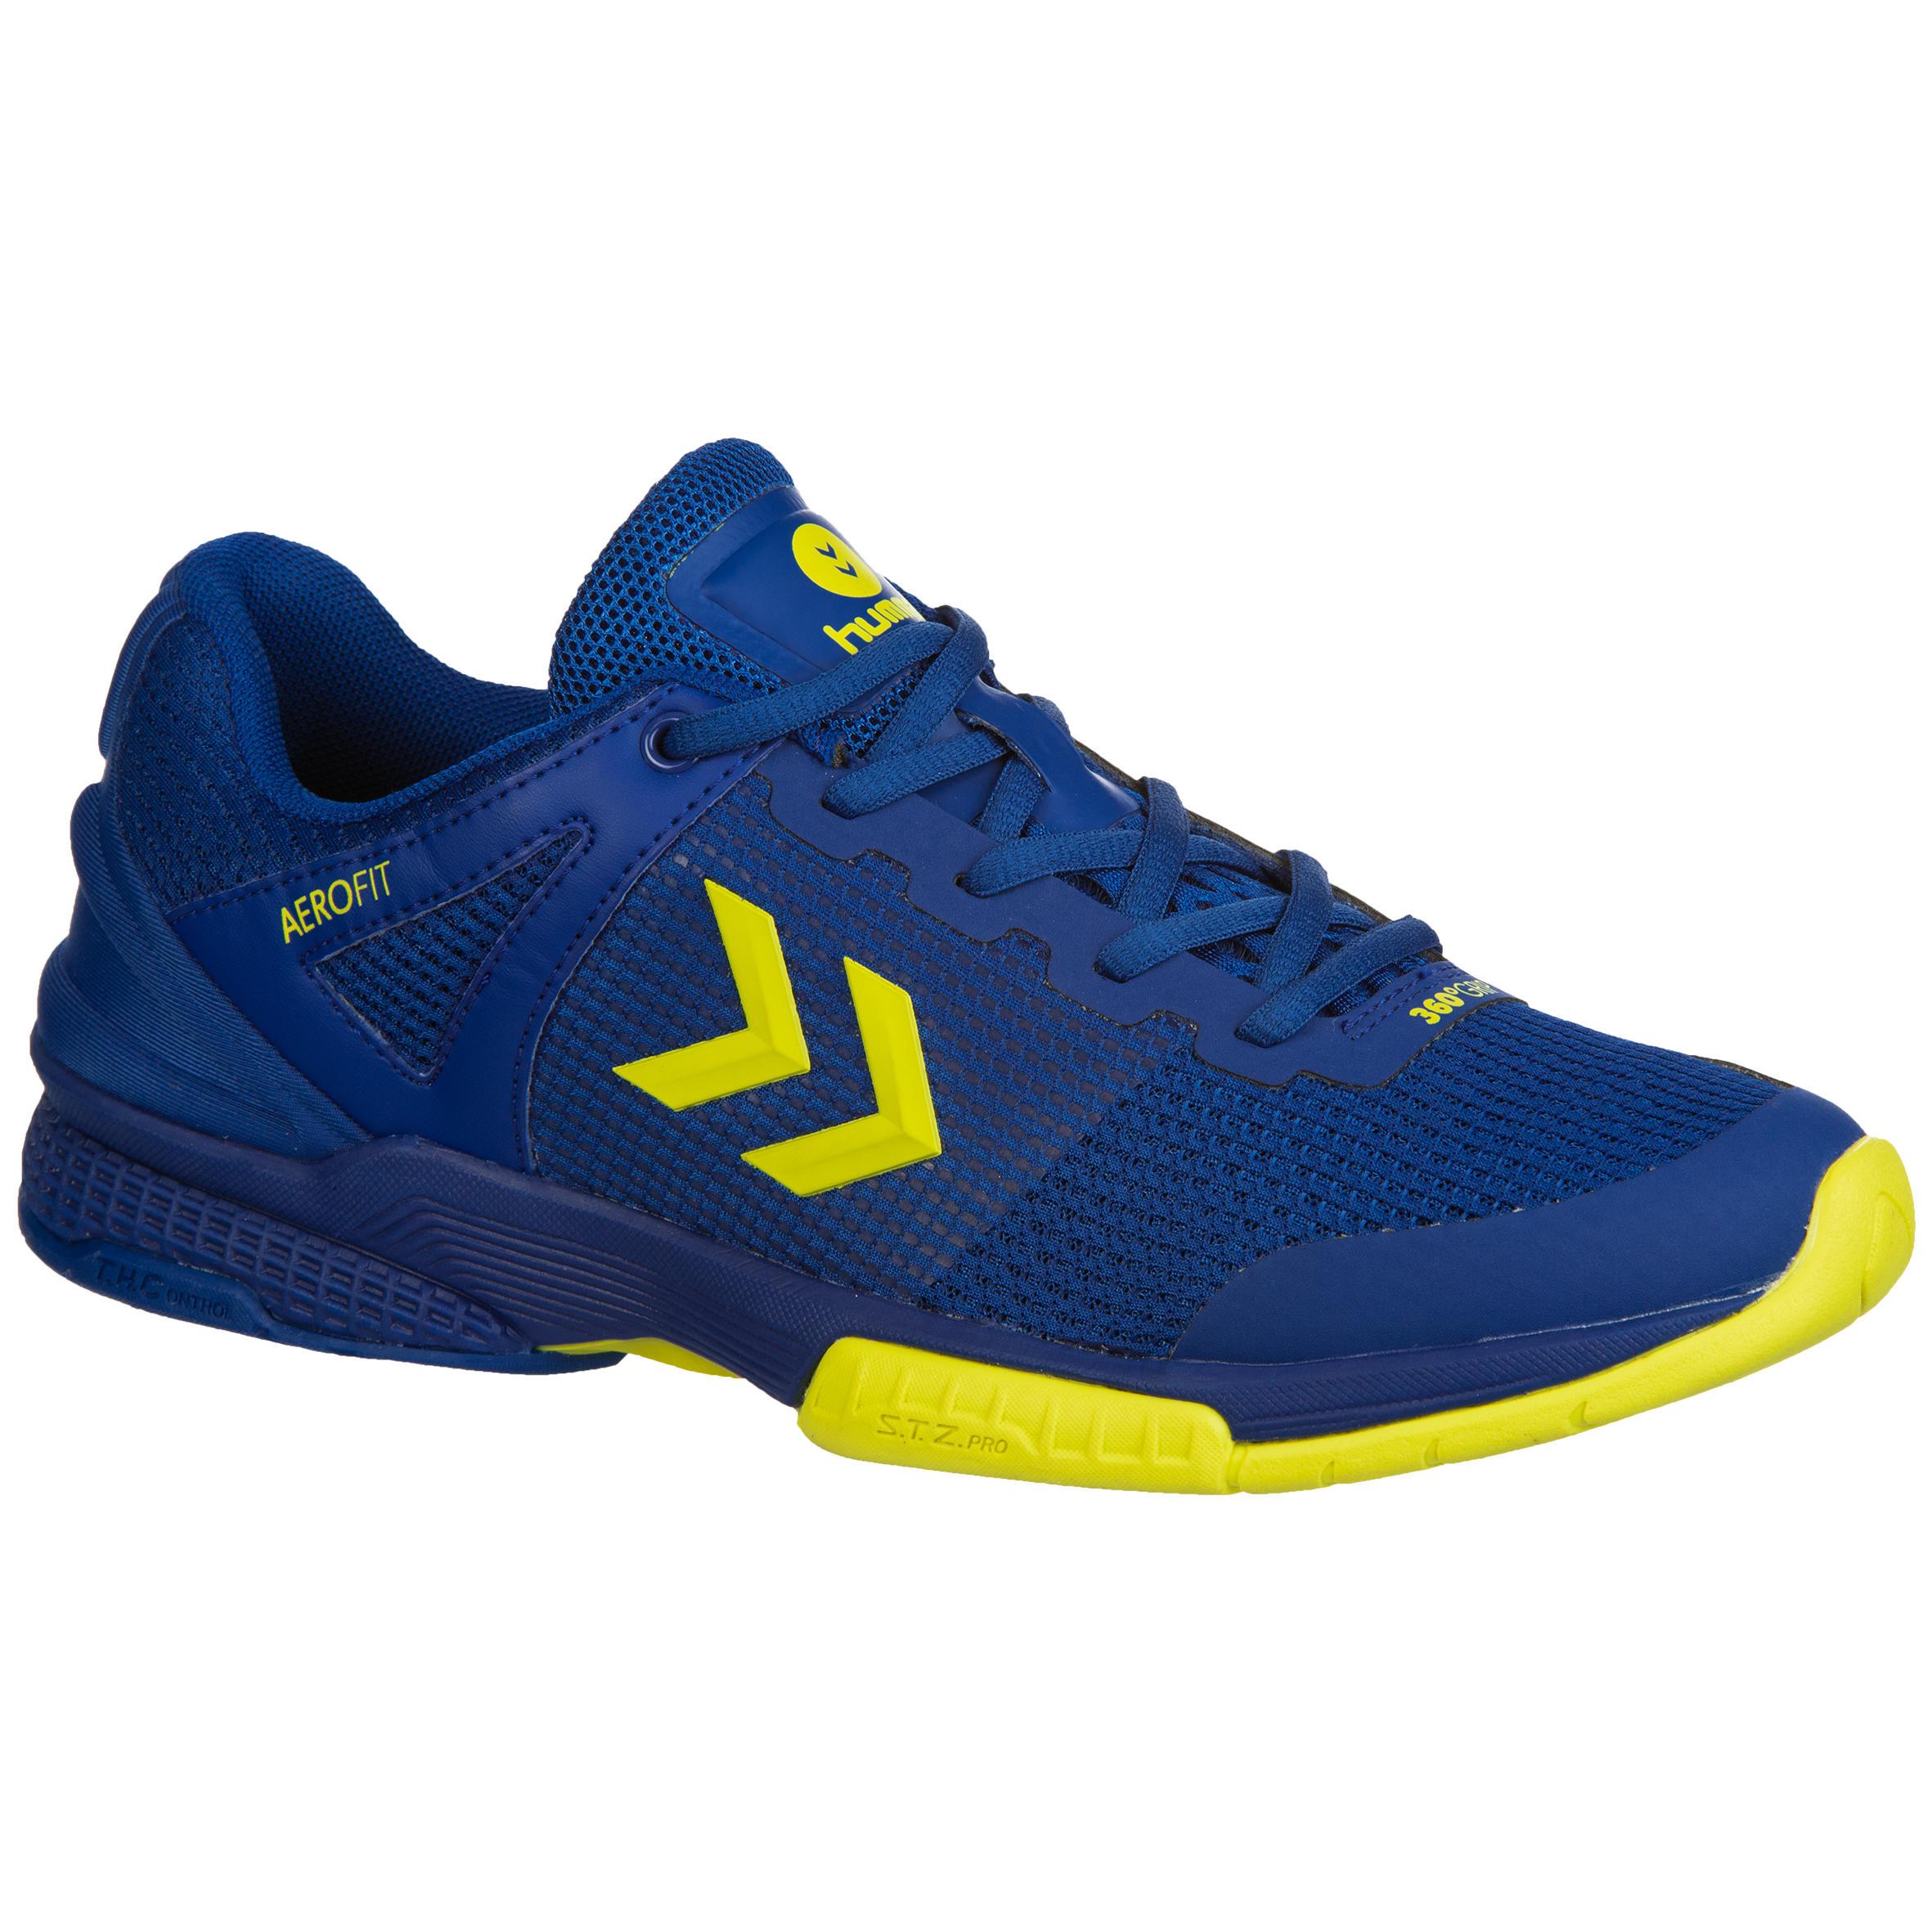 2d9b12f54 Comprar Zapatillas de Balonmano | Decathlon